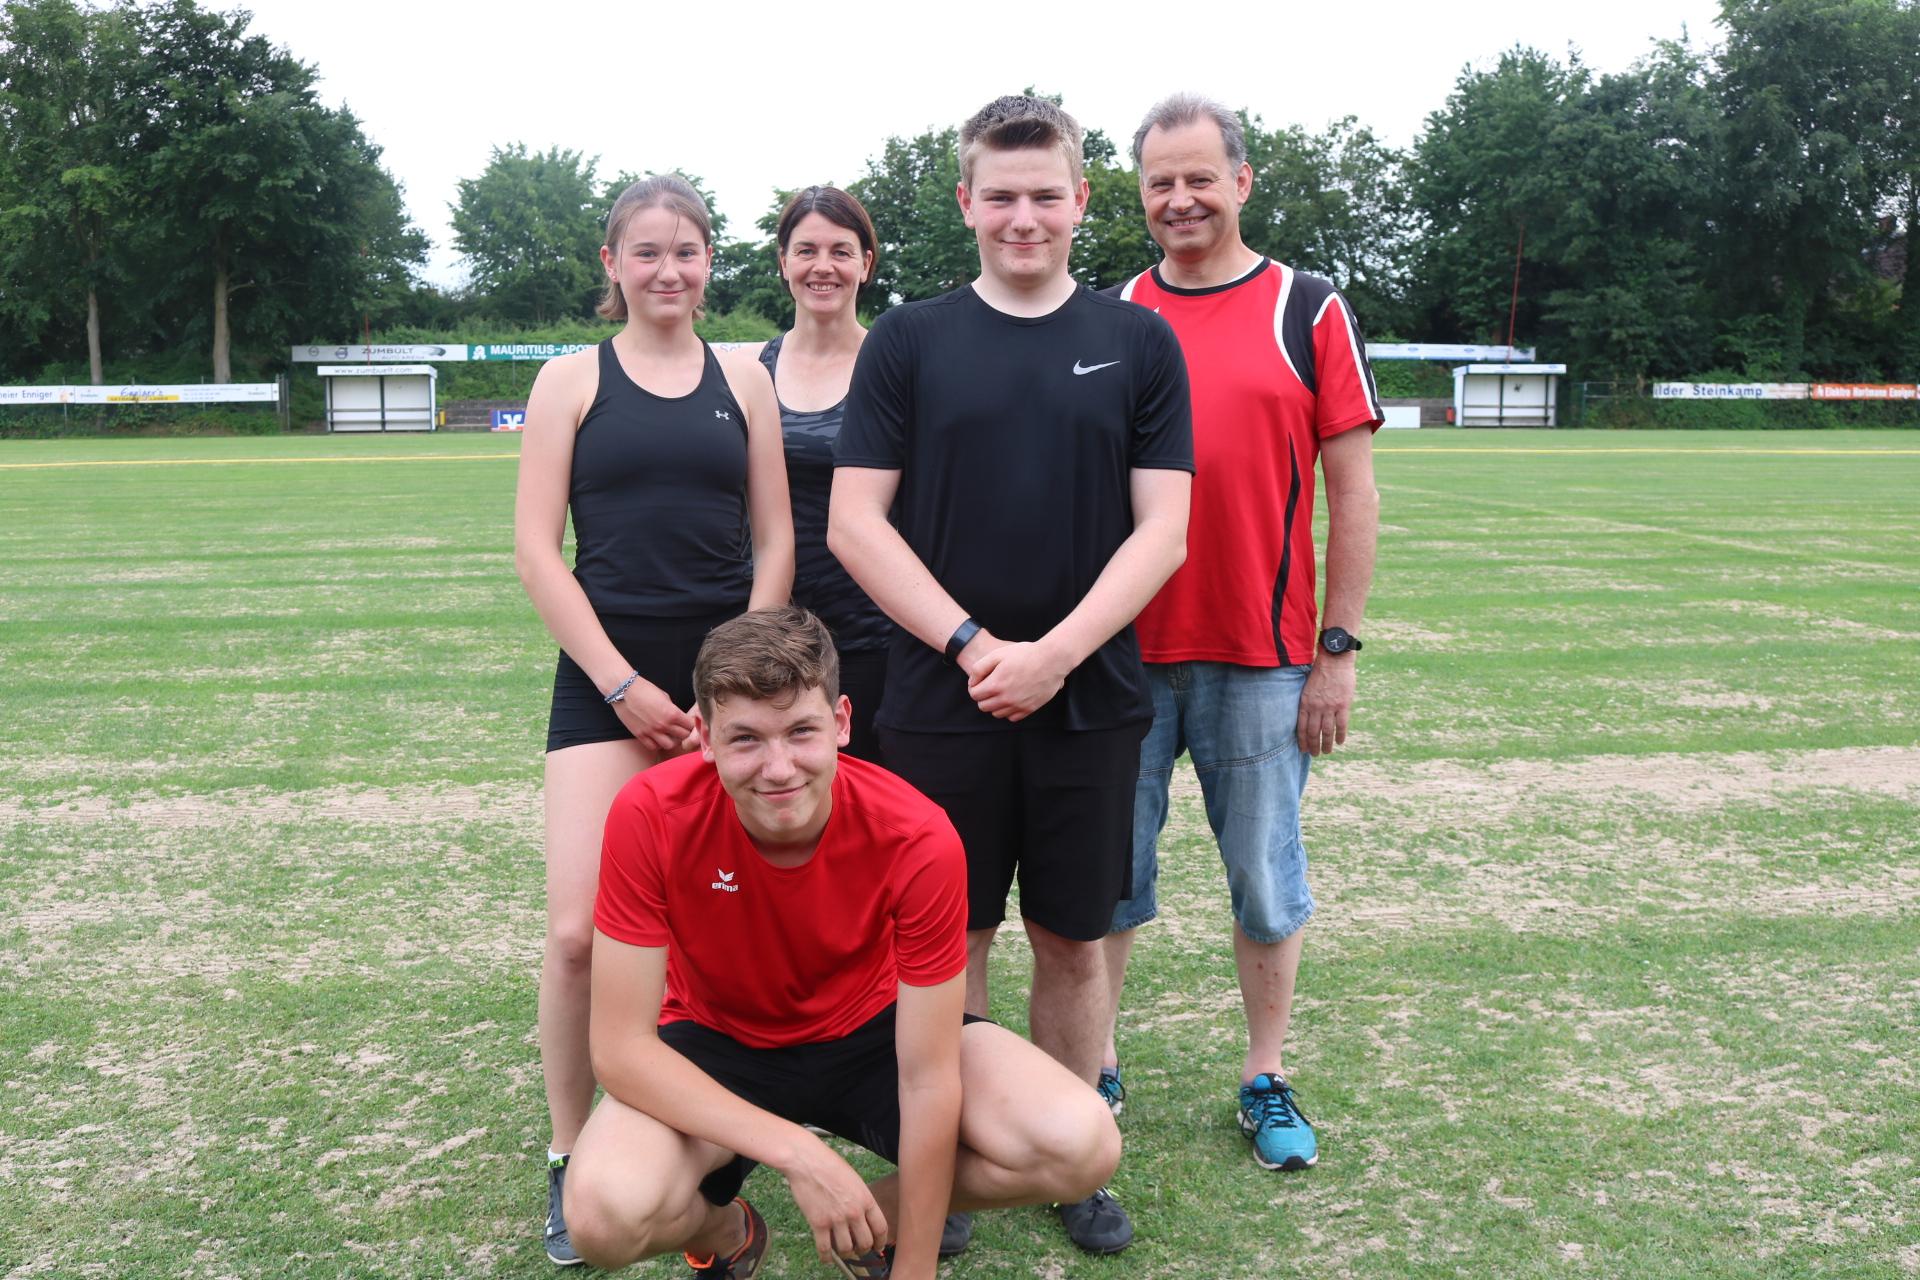 vorne hockend: Justin Brand stehend von links: Katharina Lachnitt, Tanja Sell (Trainerin), Mathis Stein, Holger Stein (Trainer)